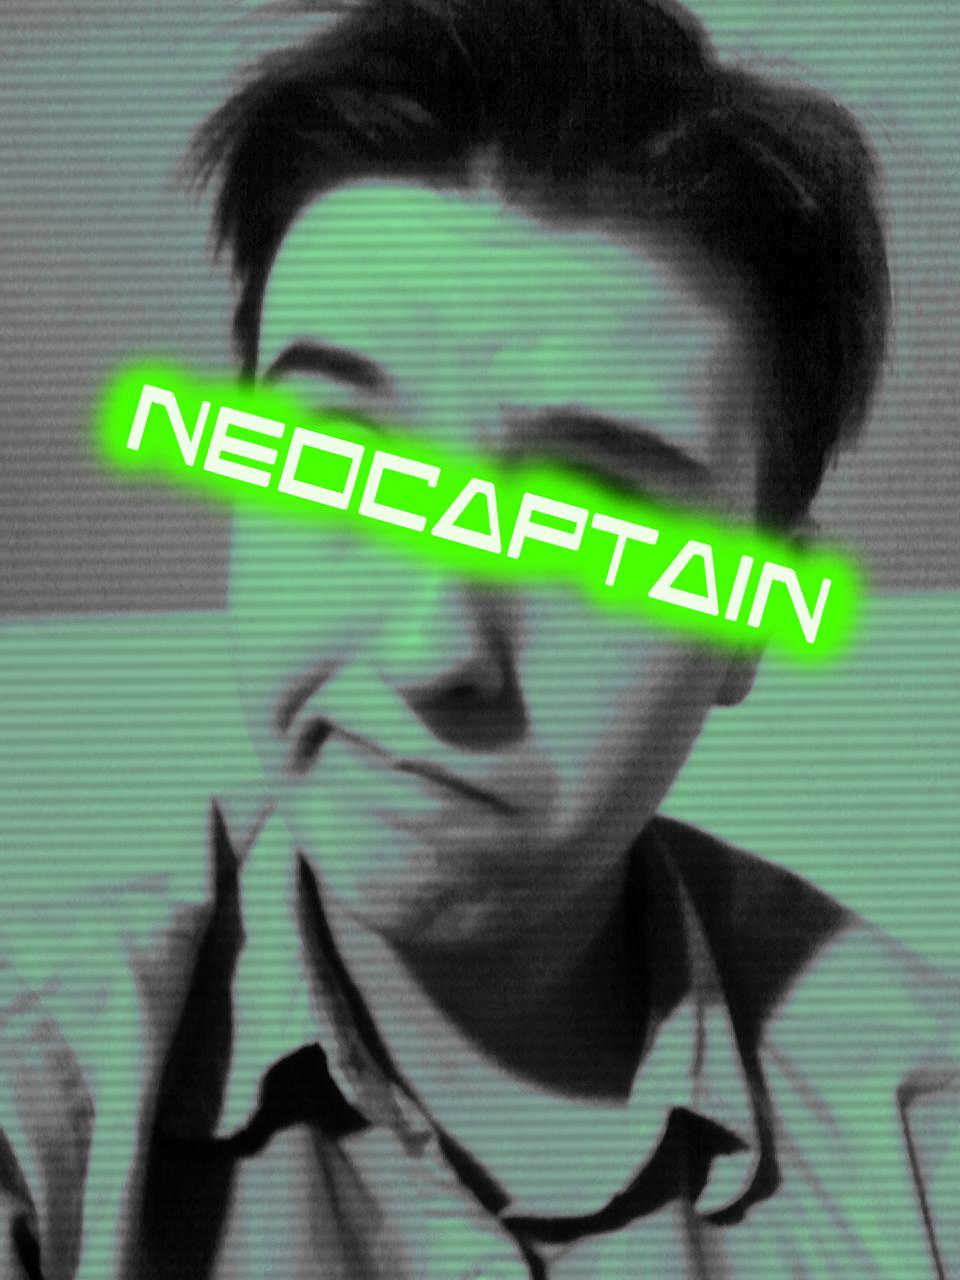 NeoCaptain's Profile Picture